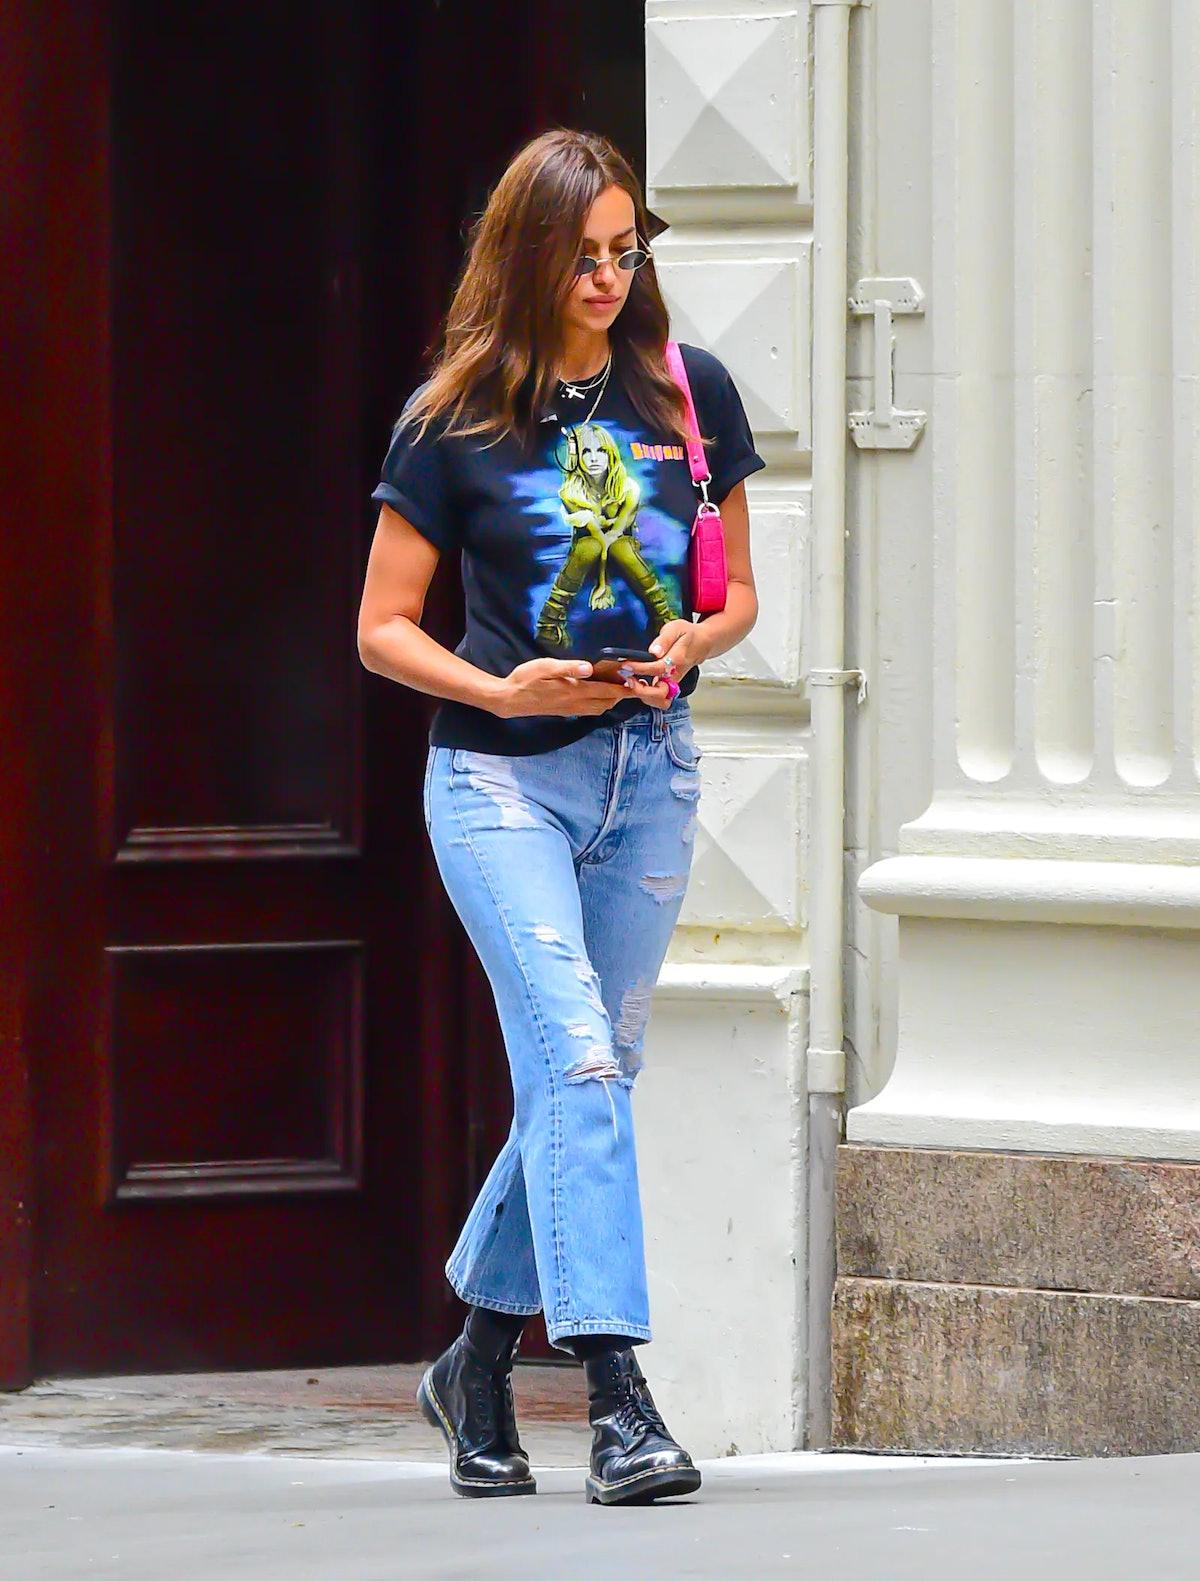 Irina Shayk in New York City.